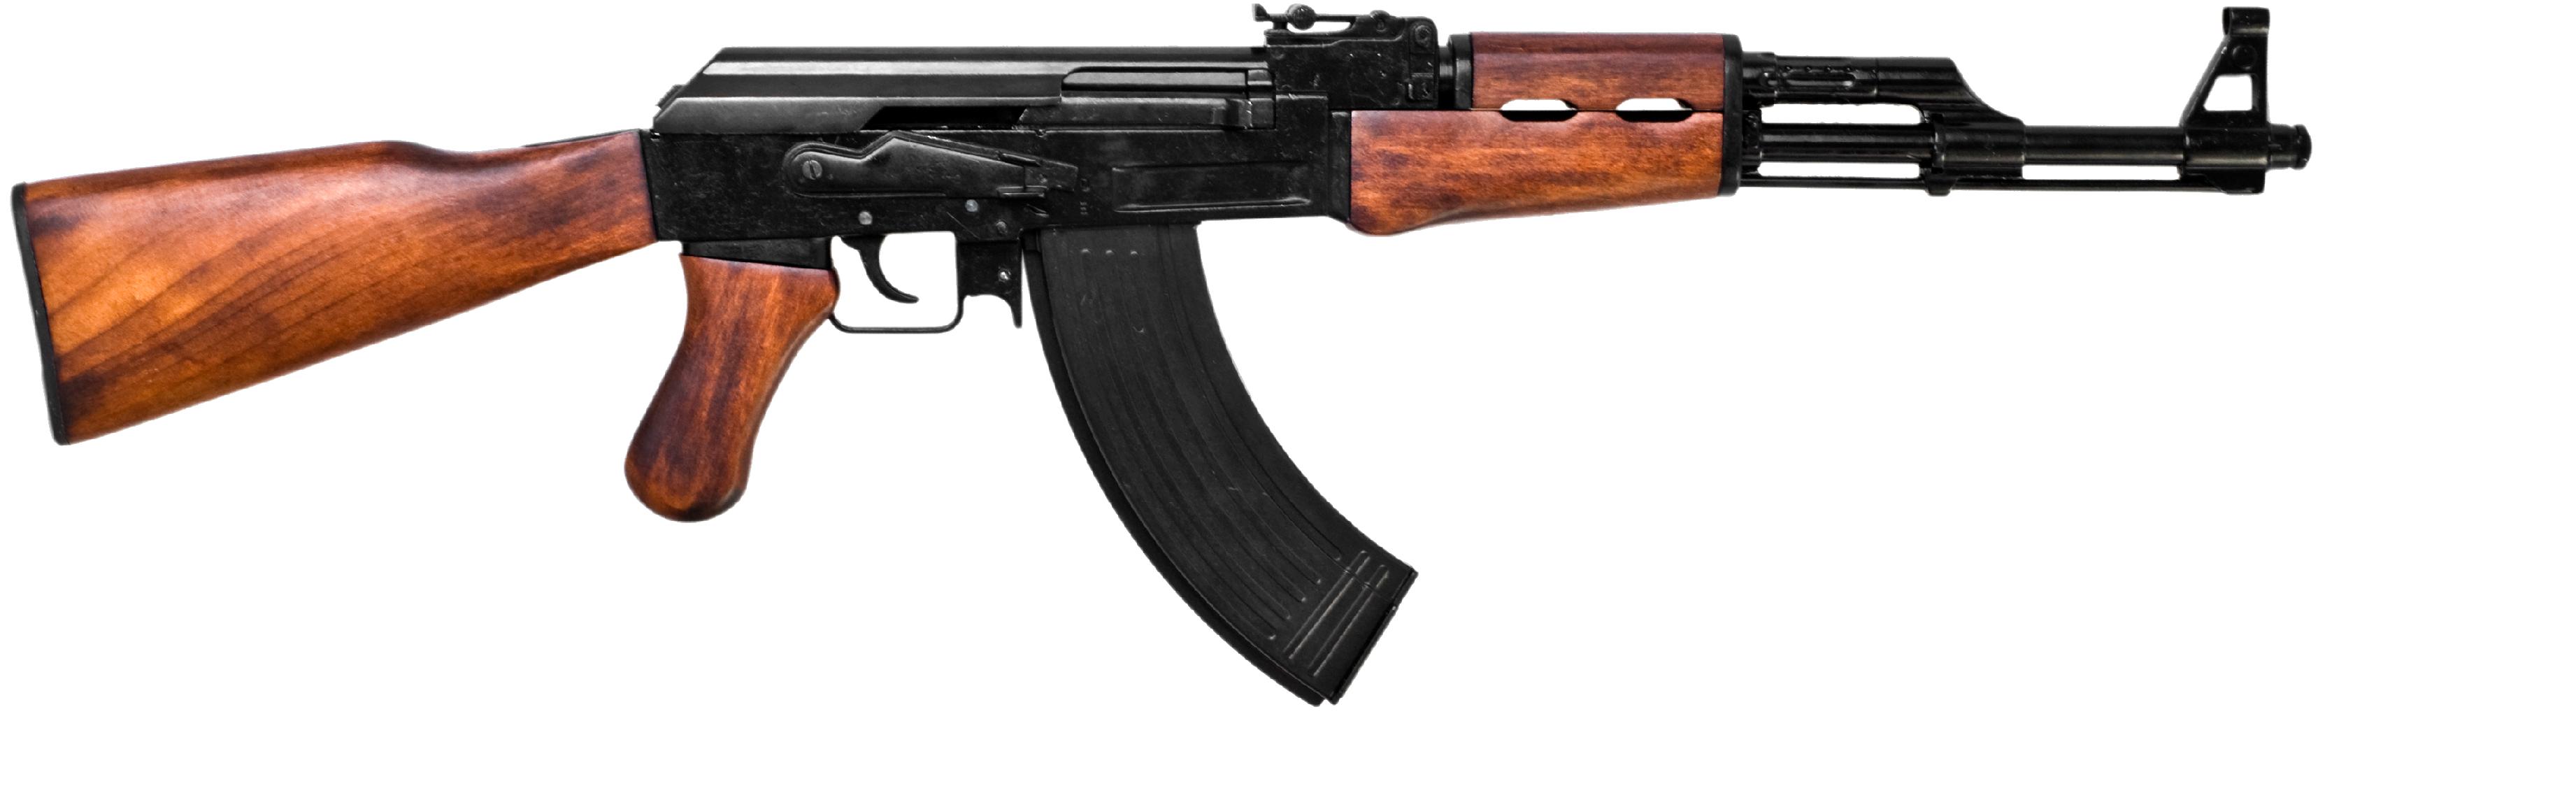 guns clipart ak47